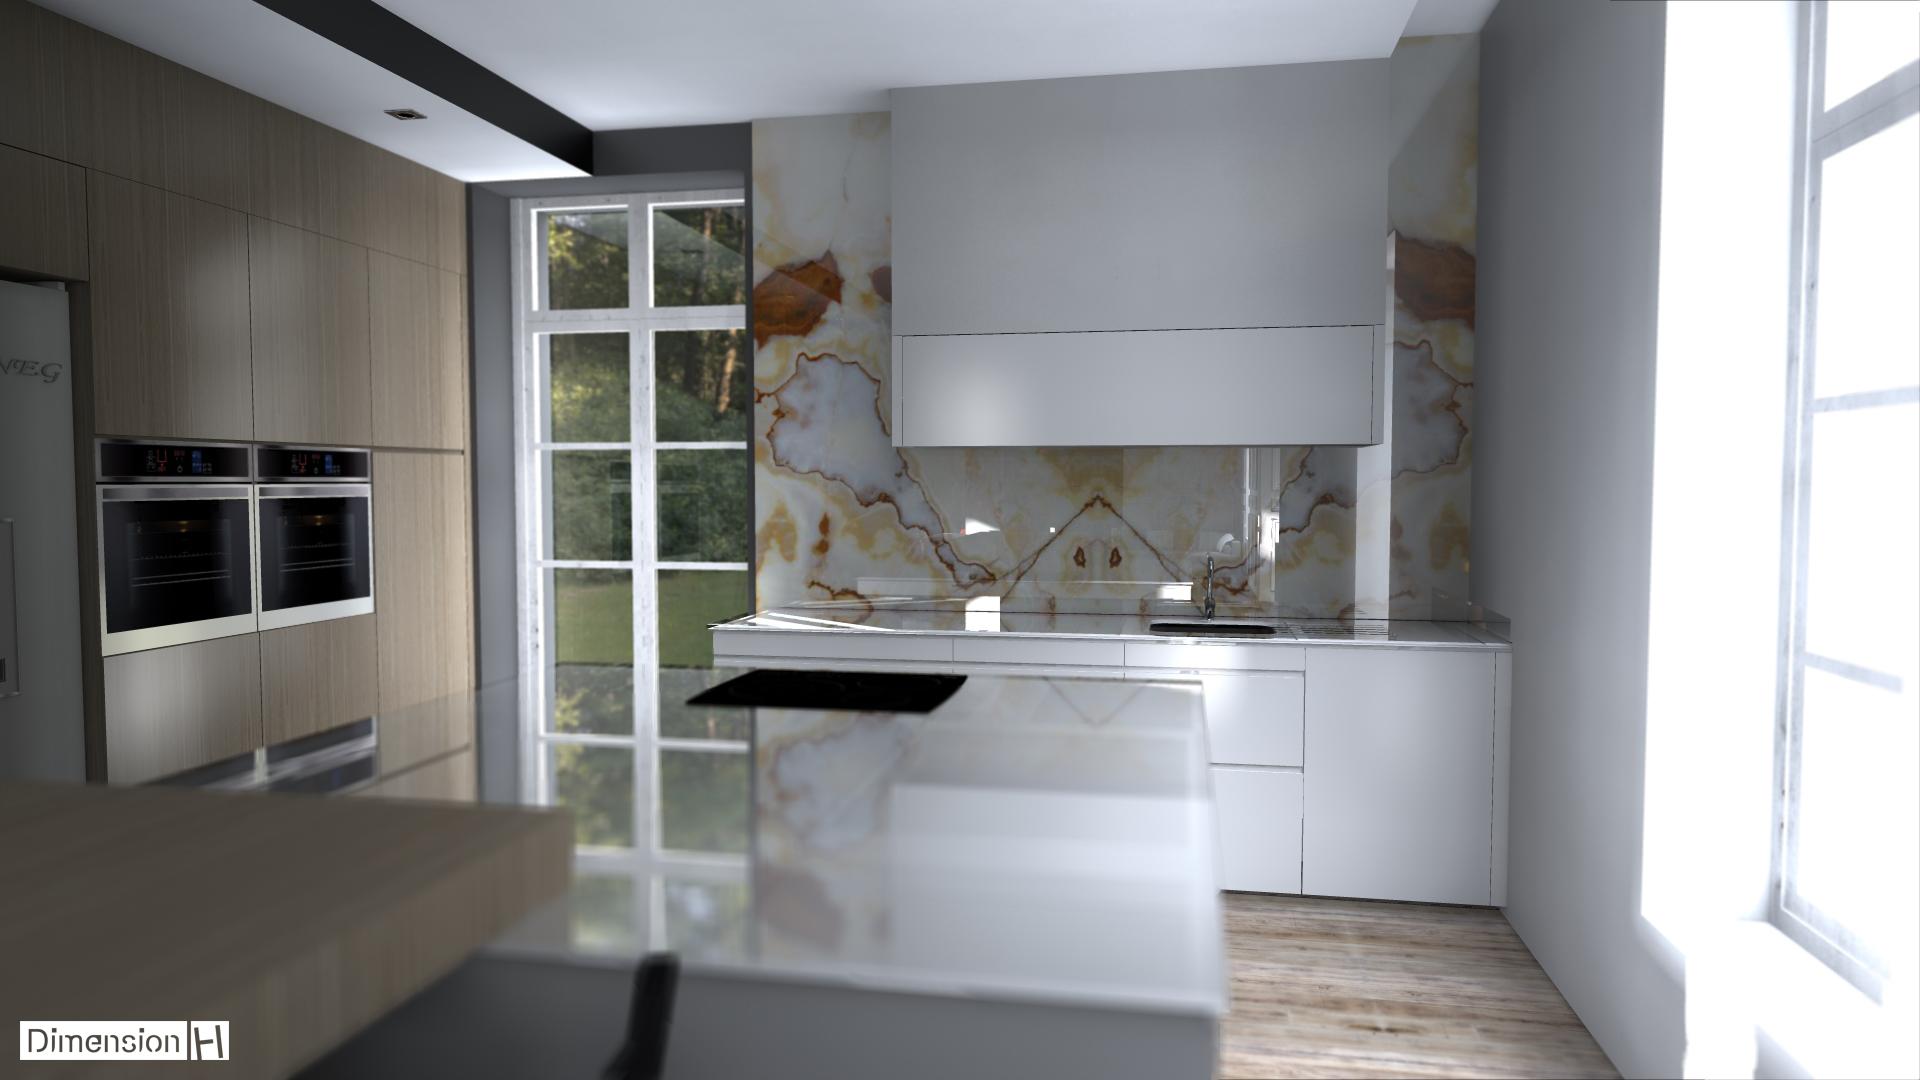 dimension h relev de mesures mod lisation 3d et rendus. Black Bedroom Furniture Sets. Home Design Ideas